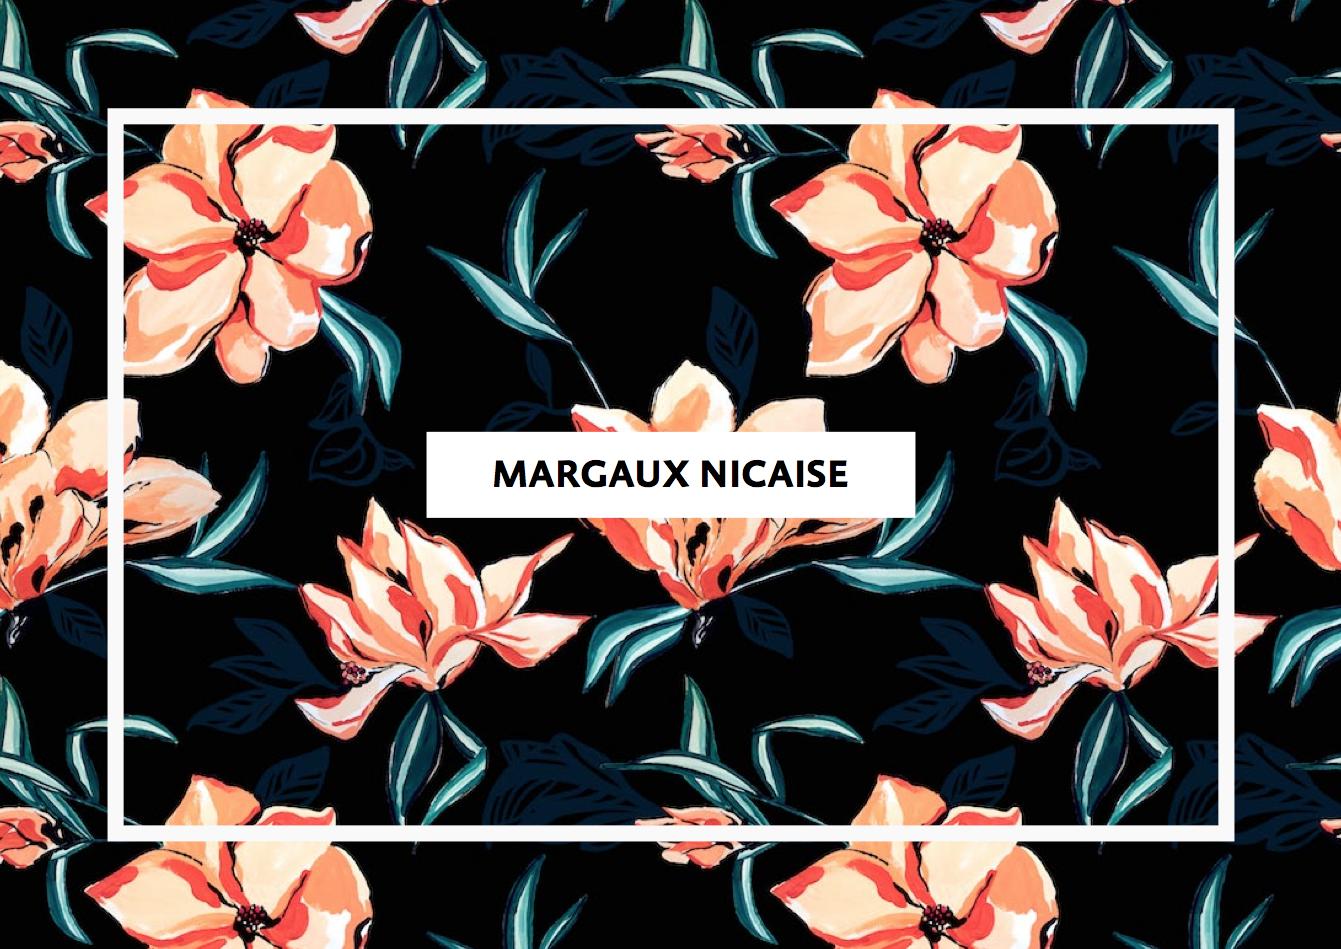 MAVN Maraux Nicaise